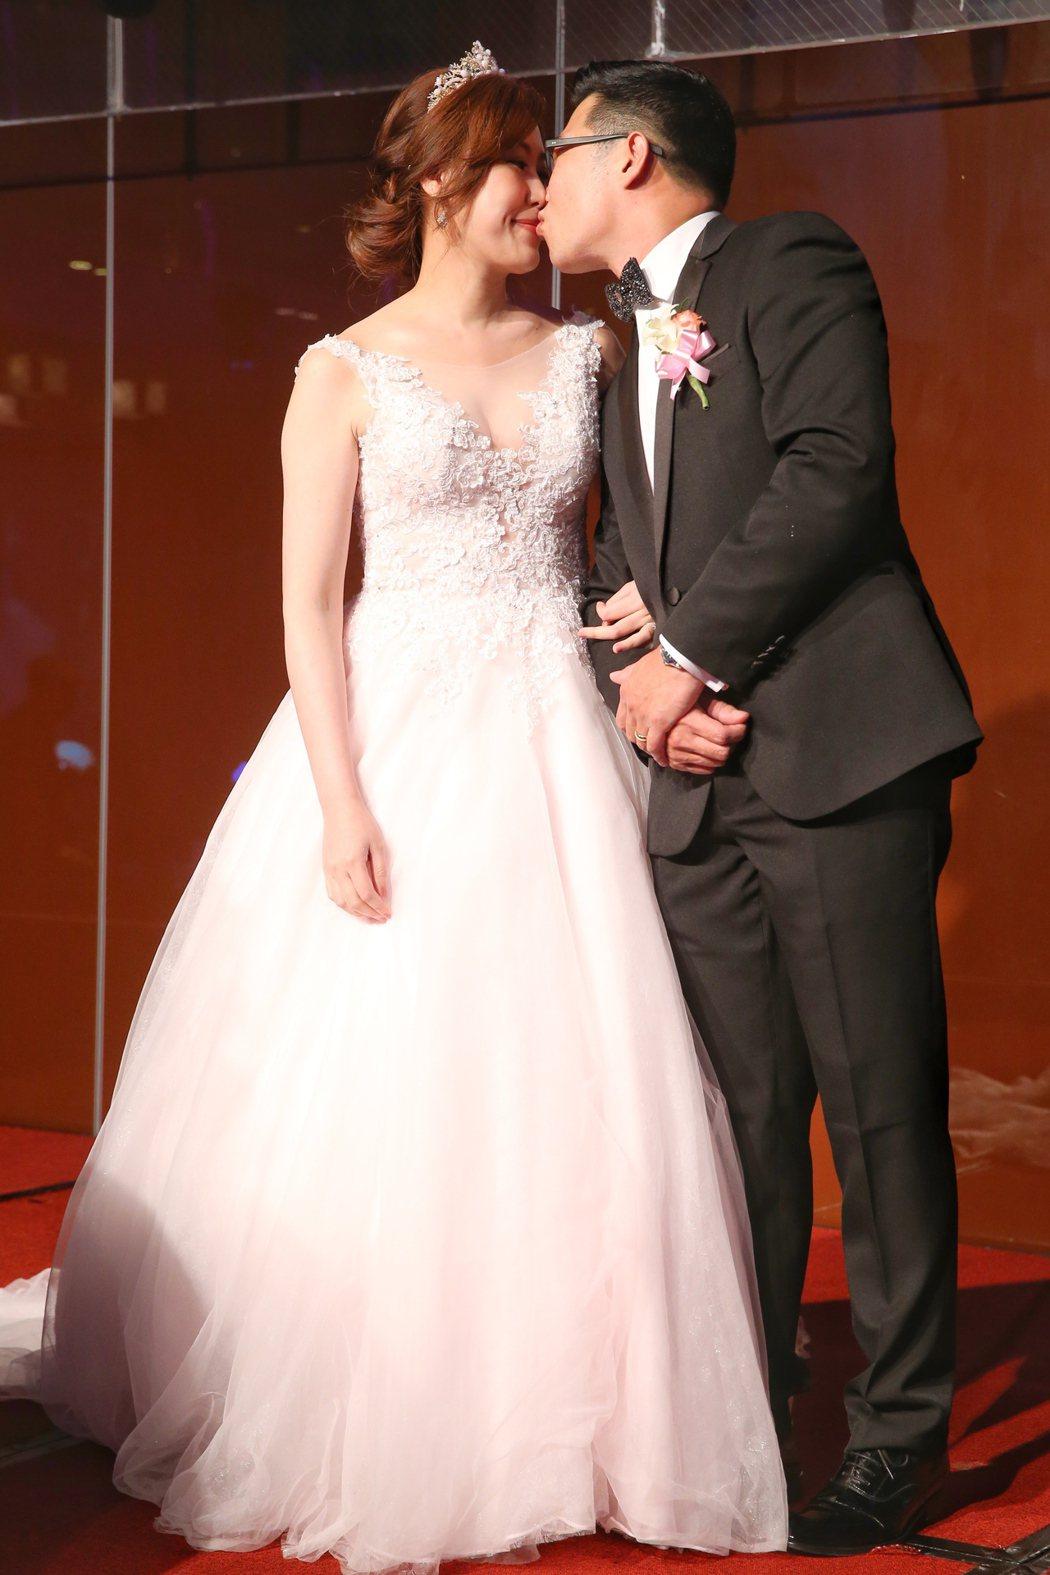 藝人馬力歐(右)與妻子劉恩忻(左)昨晚在台北舉辦婚禮。記者王騰毅/攝影